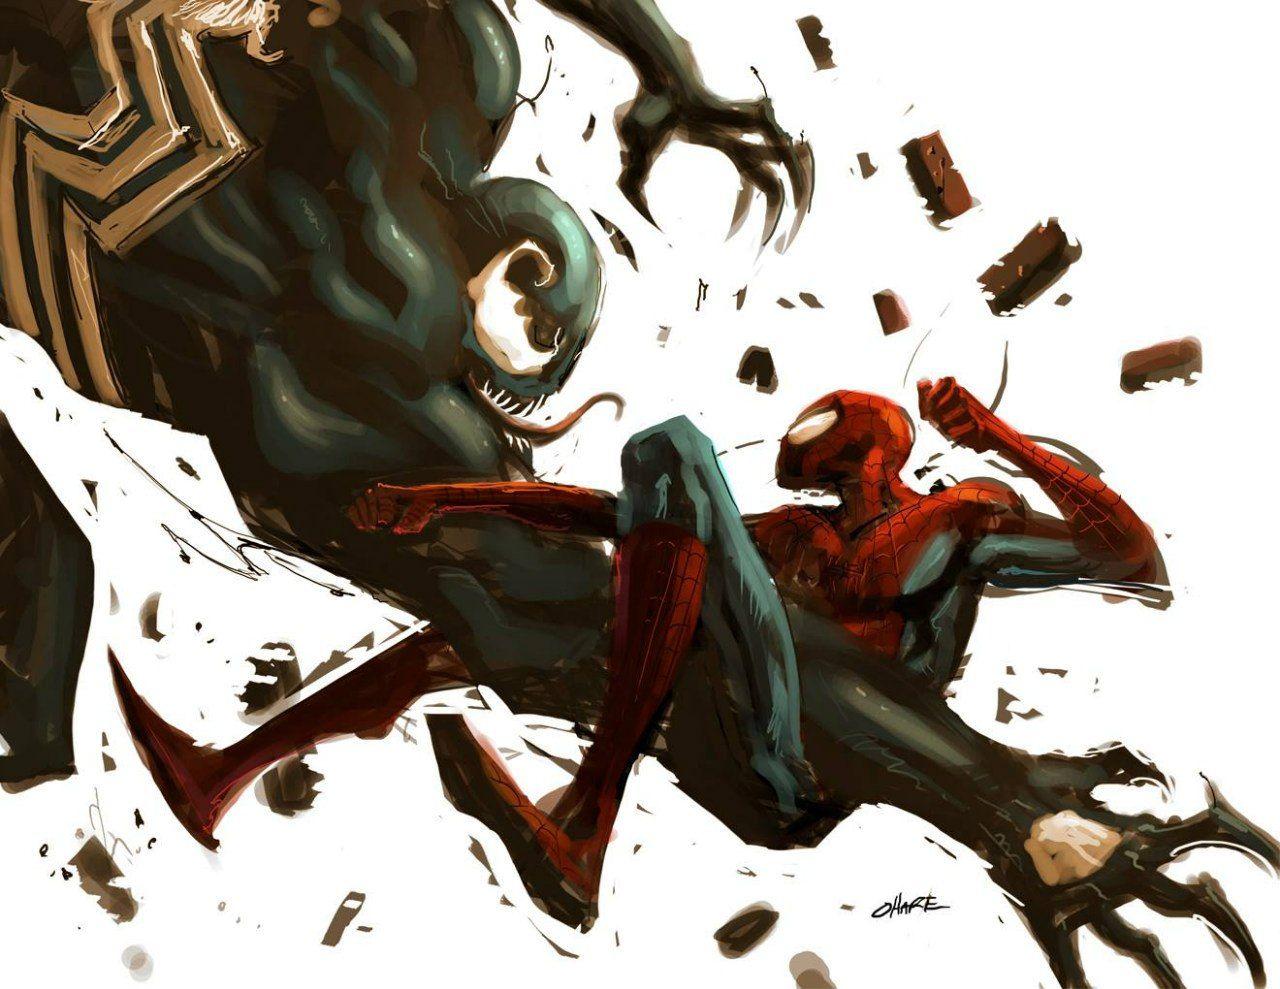 того, картинки умирающего человека паука сделать